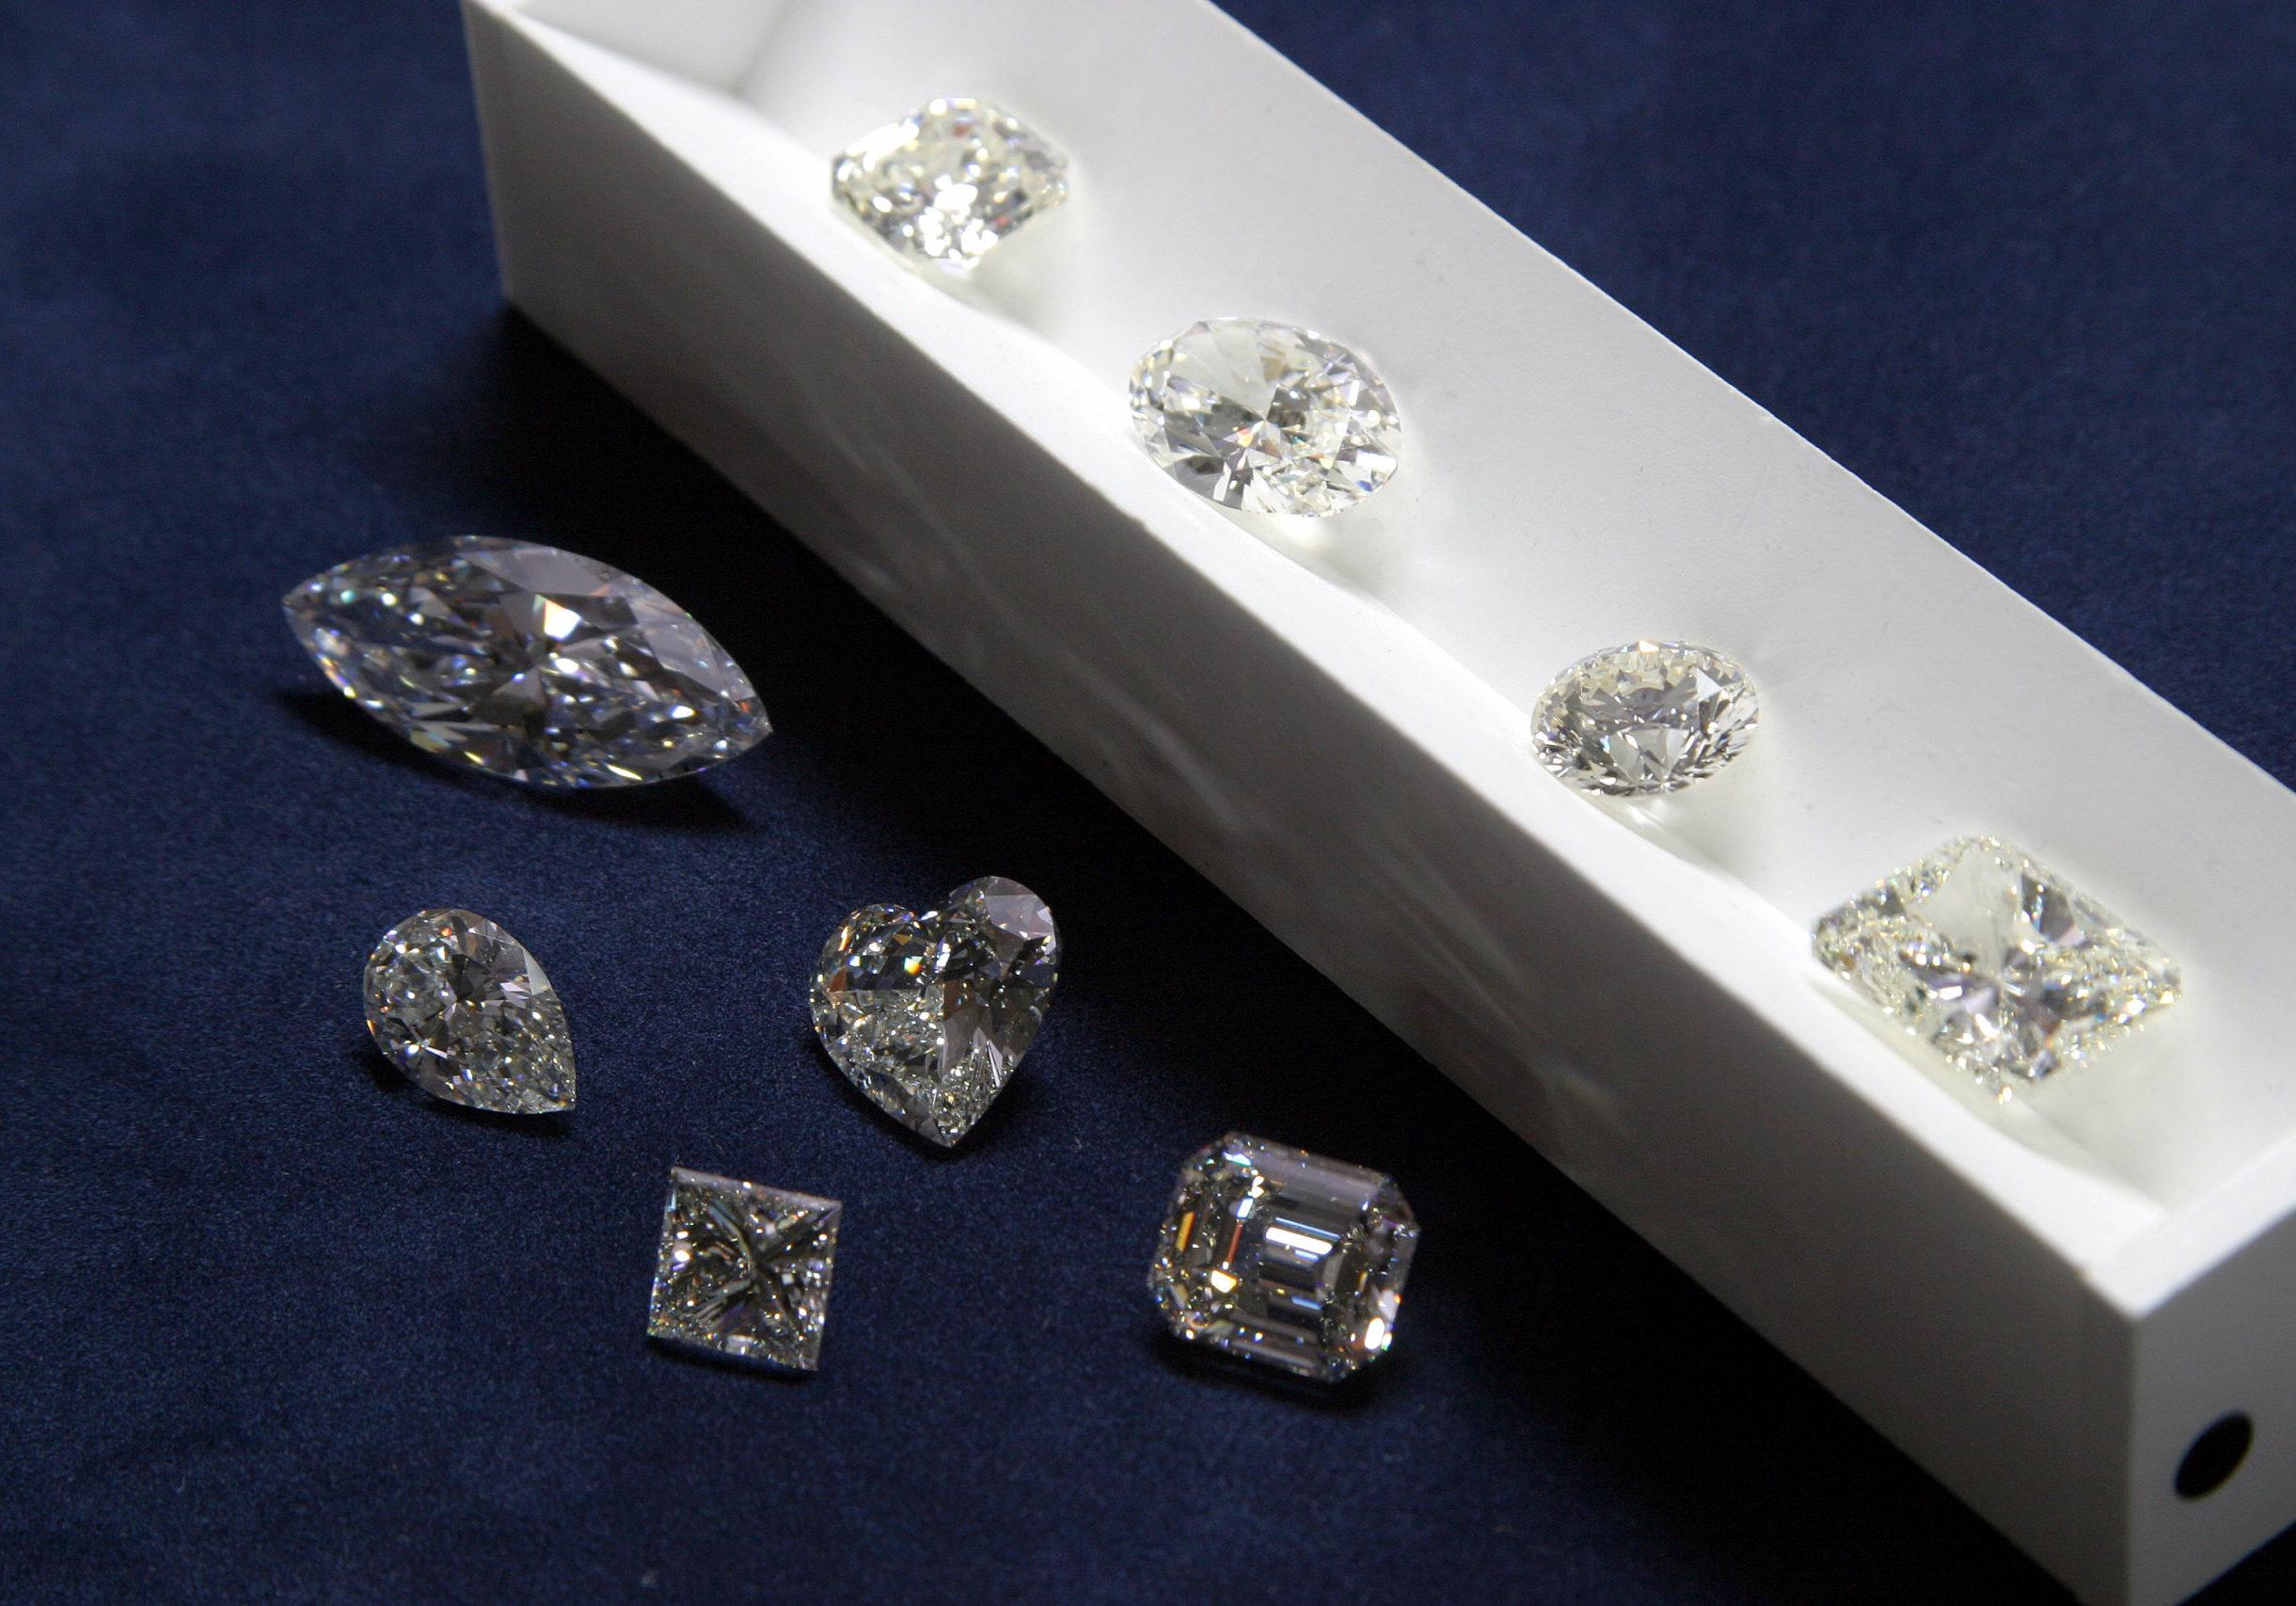 Backes & Strauss - Diamond Image 4 (1)